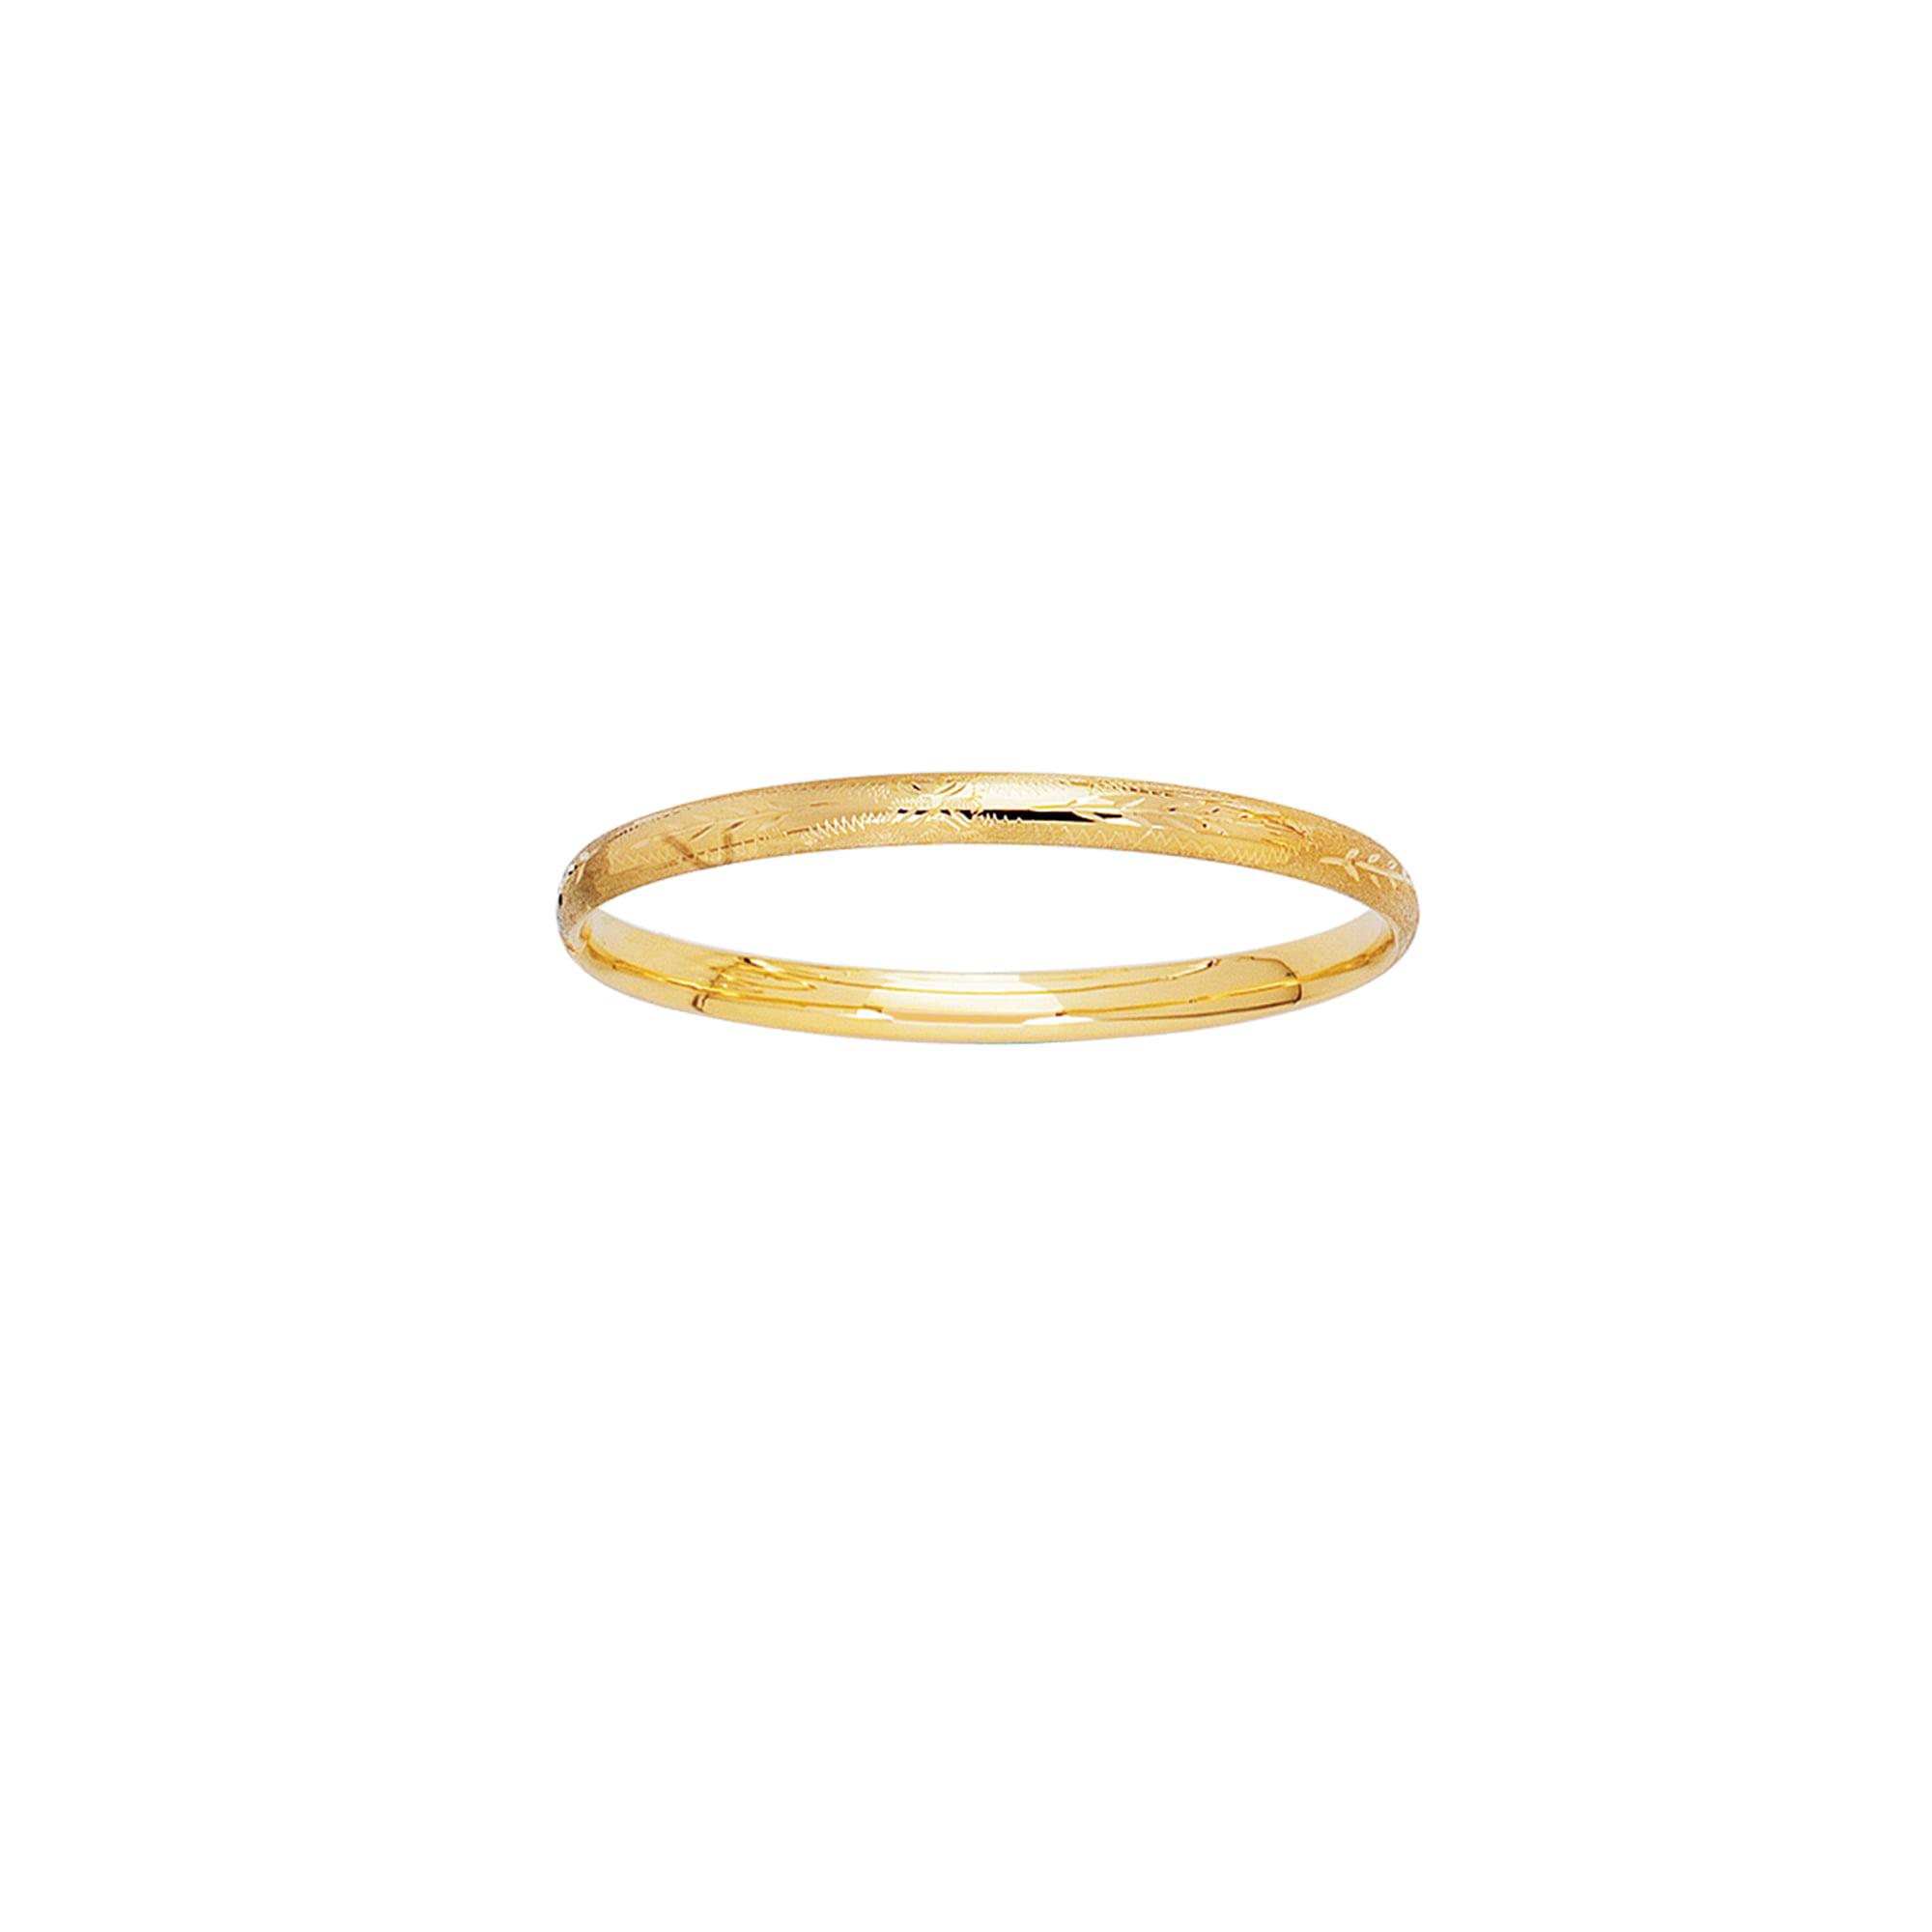 14k Yellow Gold 3MM Engraved Baby Children Kids Bangle Bracelet 5.5